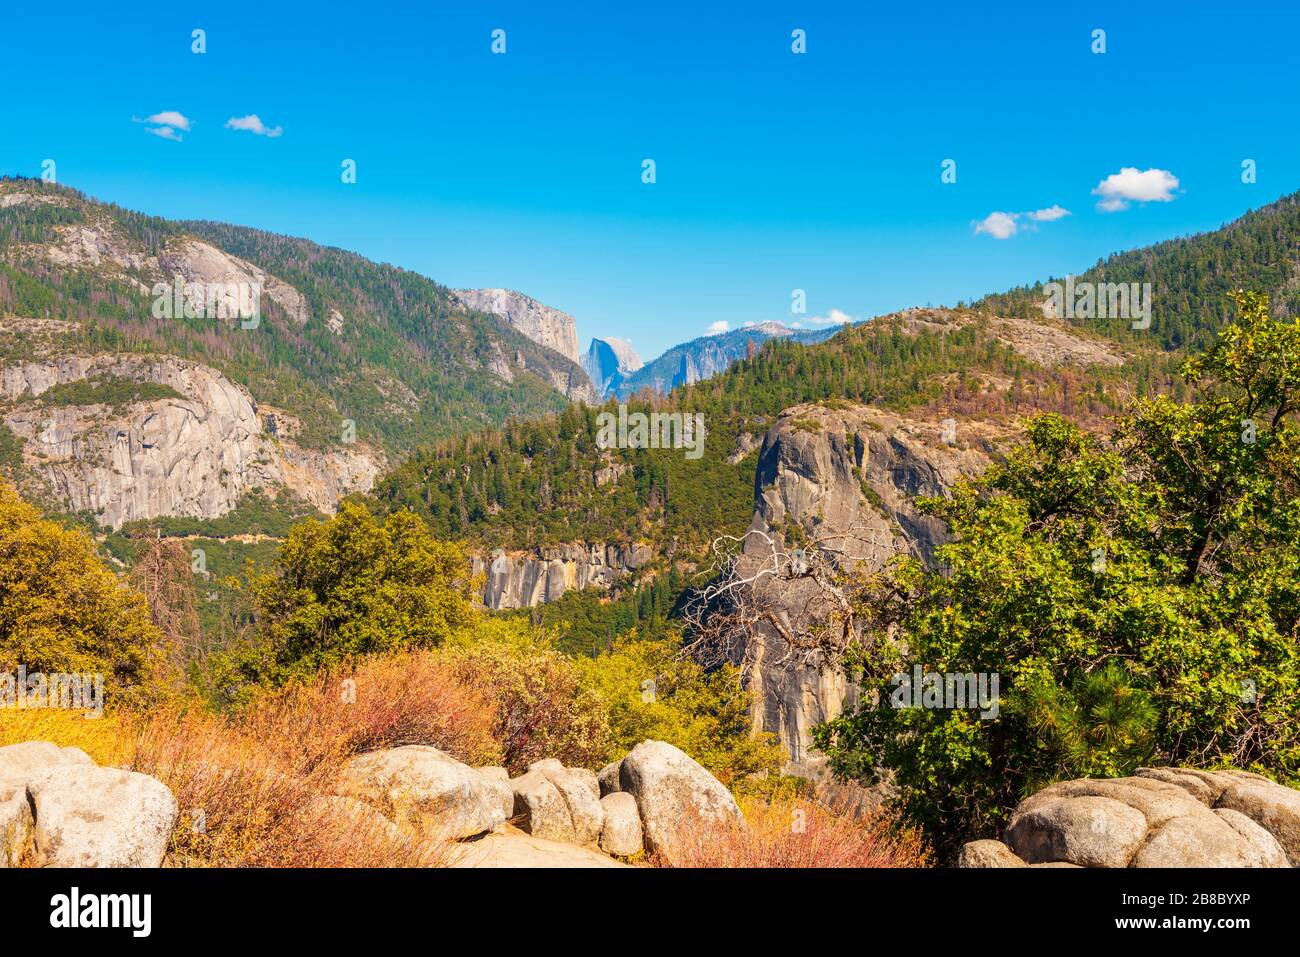 El Capitan y Half Dome en el Parque Nacional Yosemite, California, Estados Unidos, visto desde una distancia Foto de stock